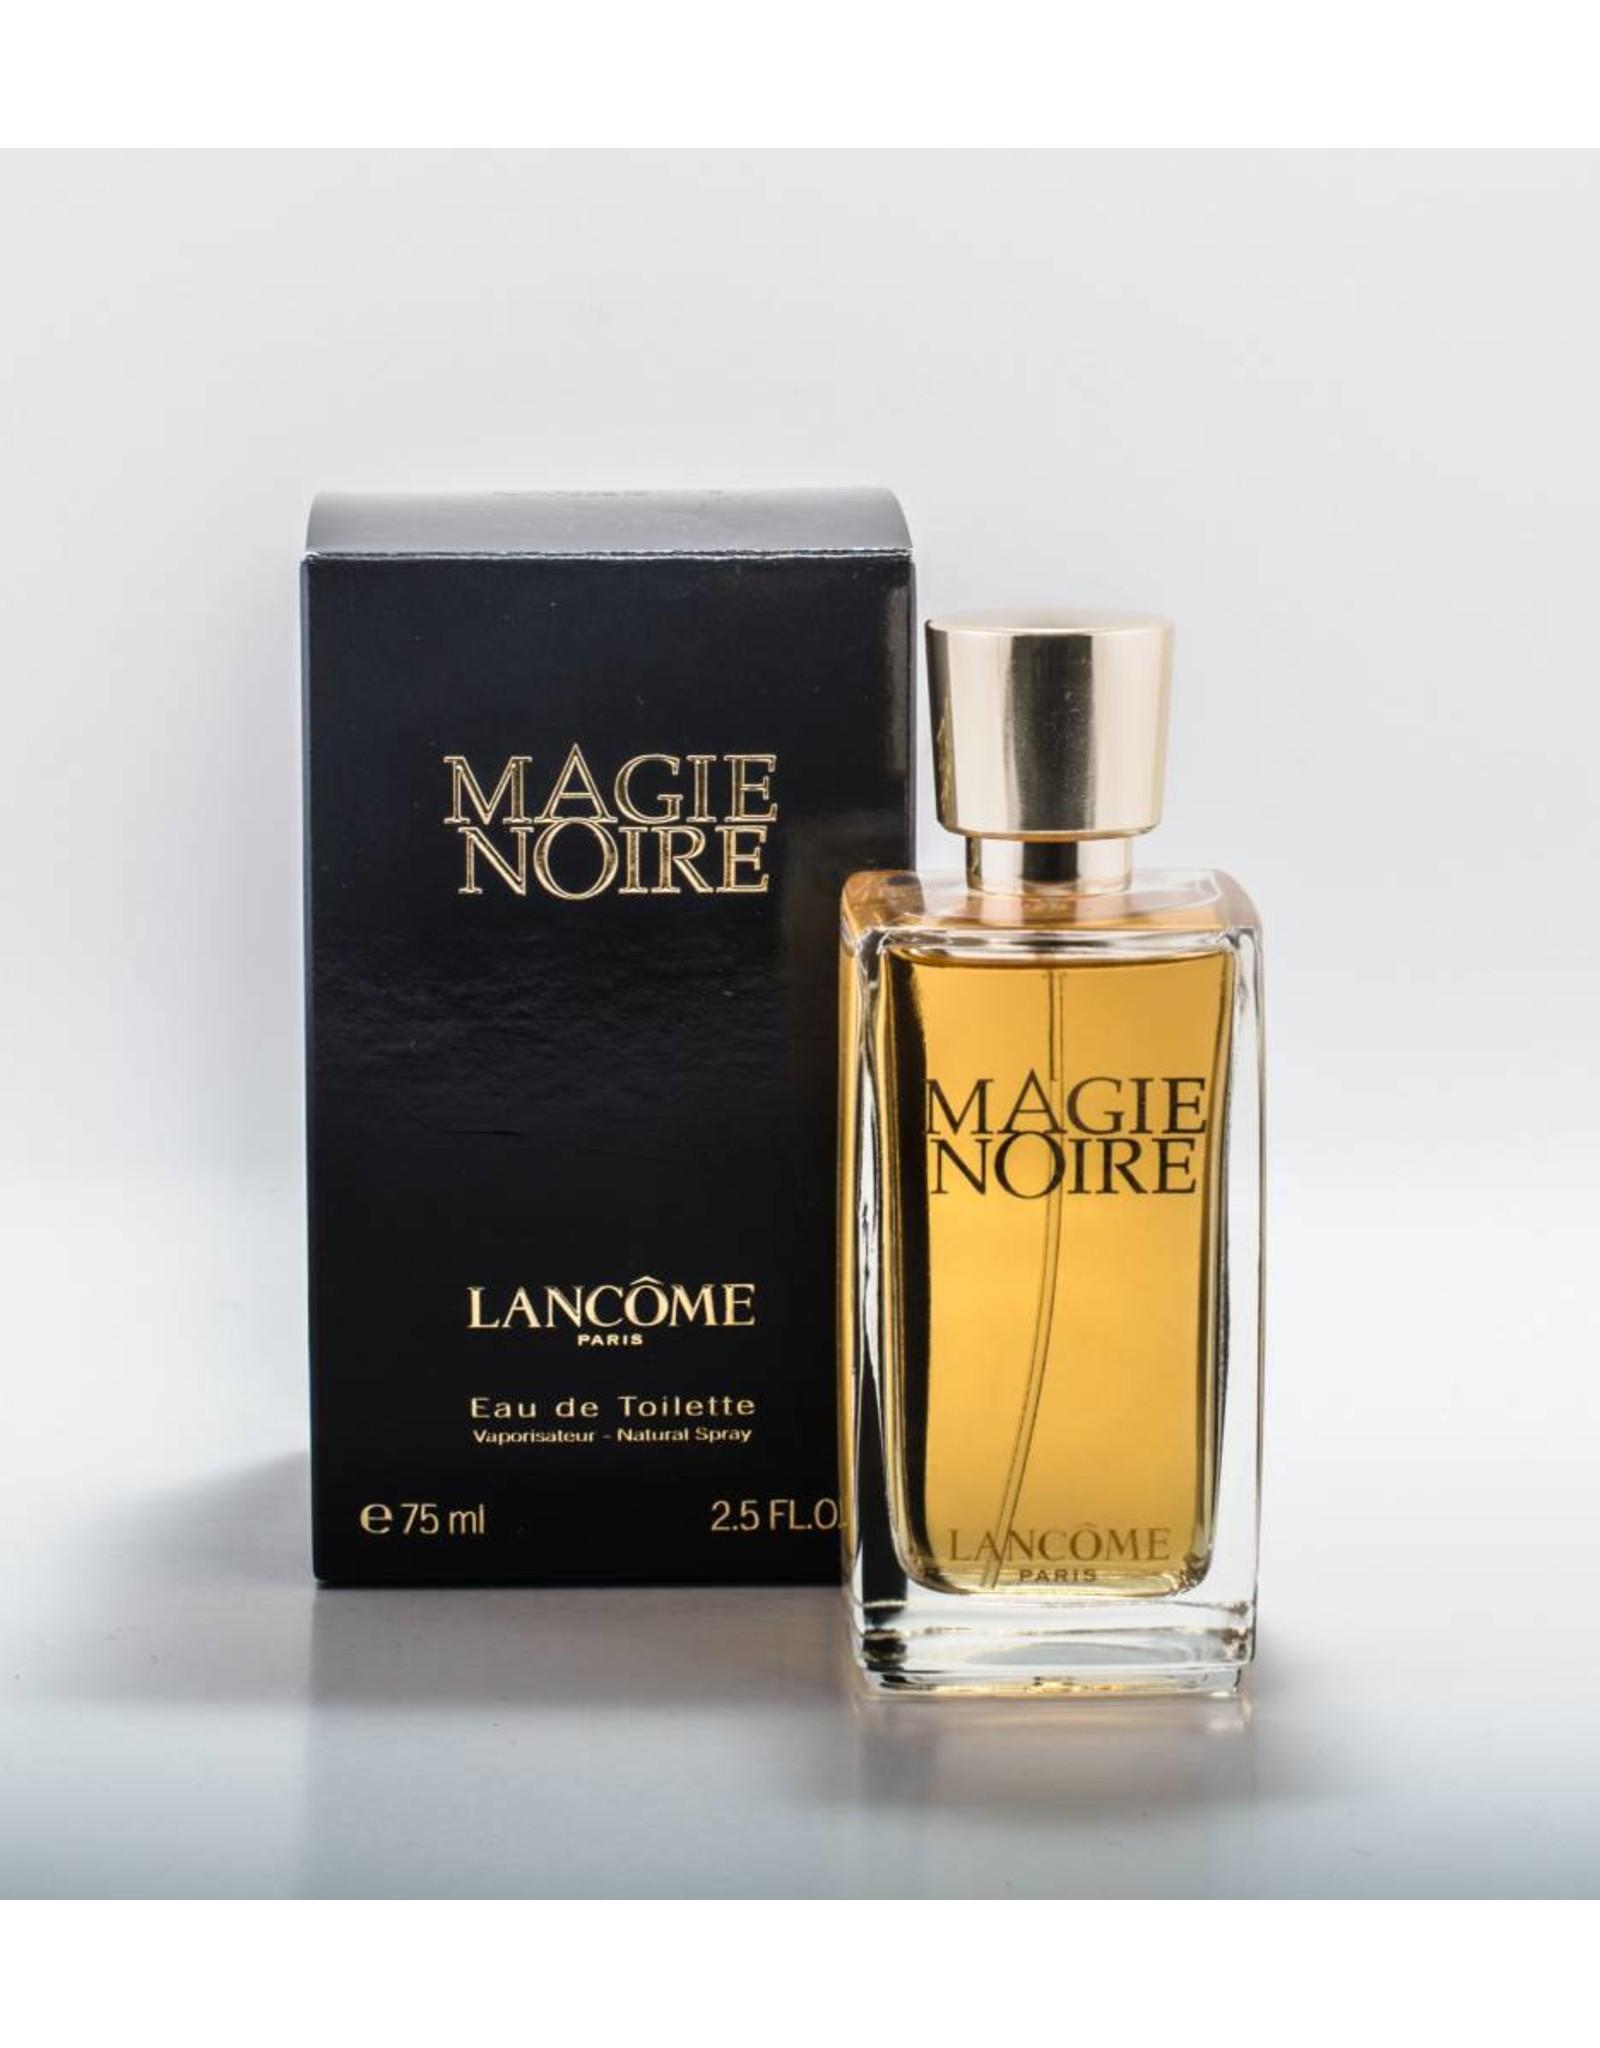 LANCOME LANCOME MAGIE NOIRE